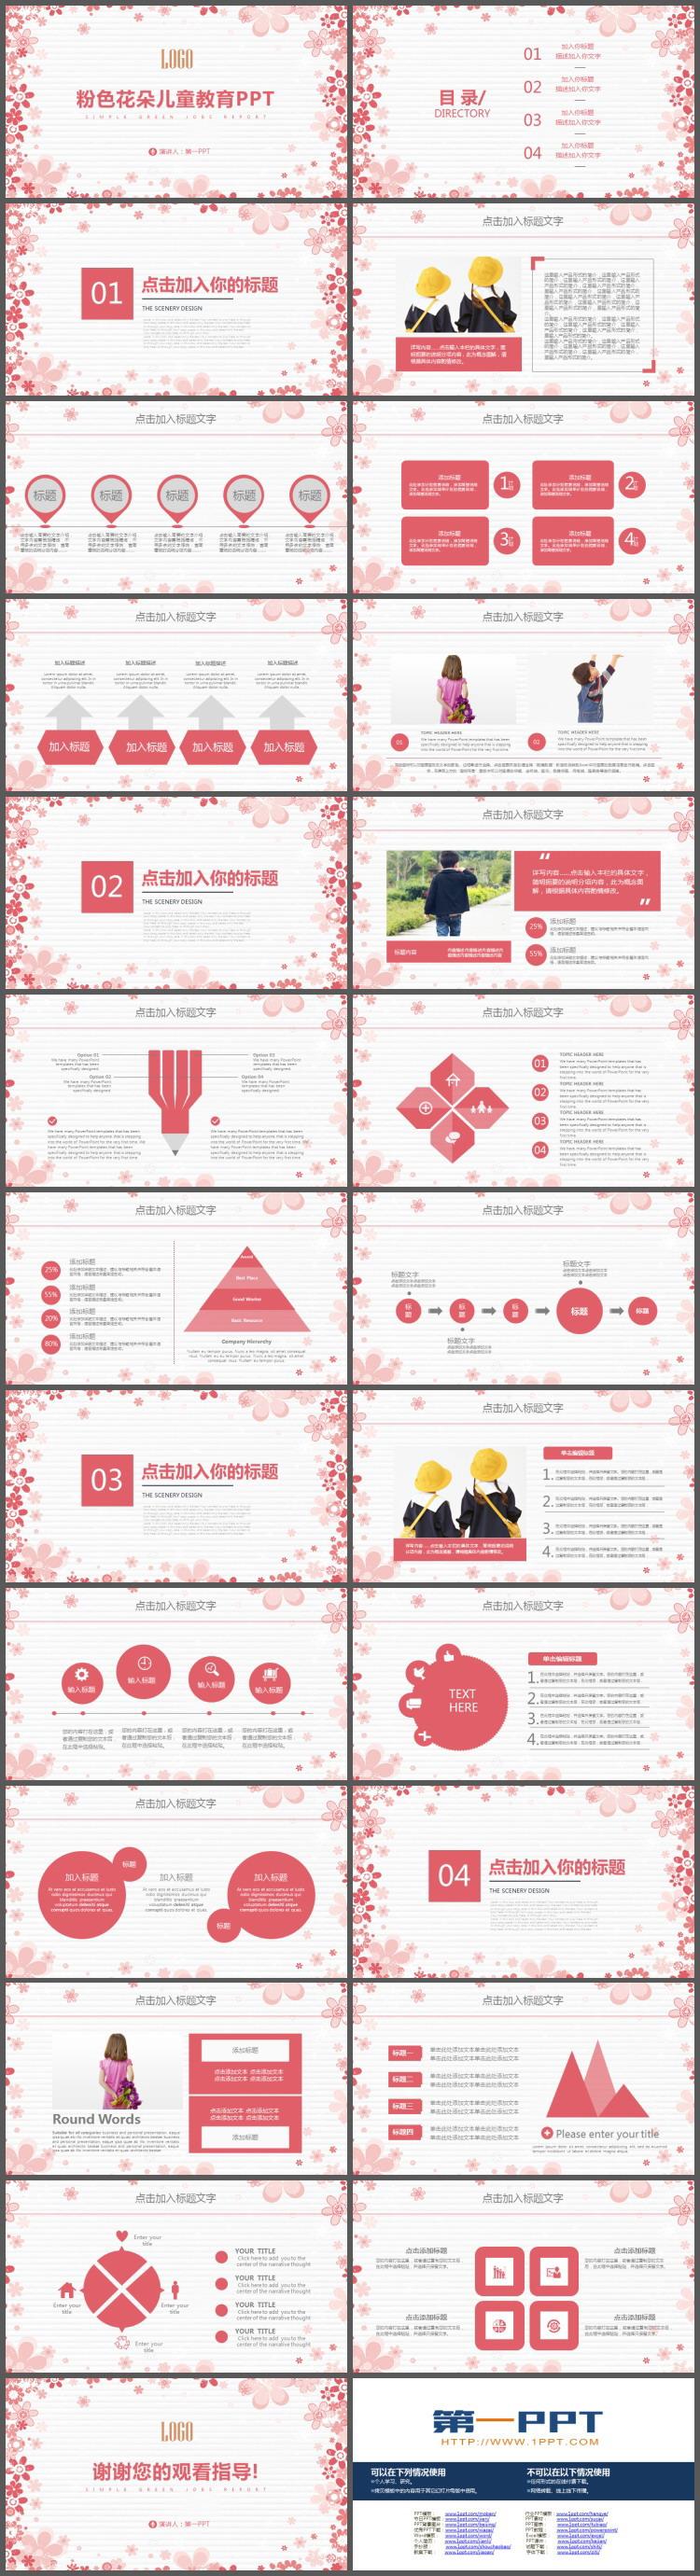 粉色卡通花朵图案背景的儿童教育主题东京热人妻丝袜无码av一二三区观